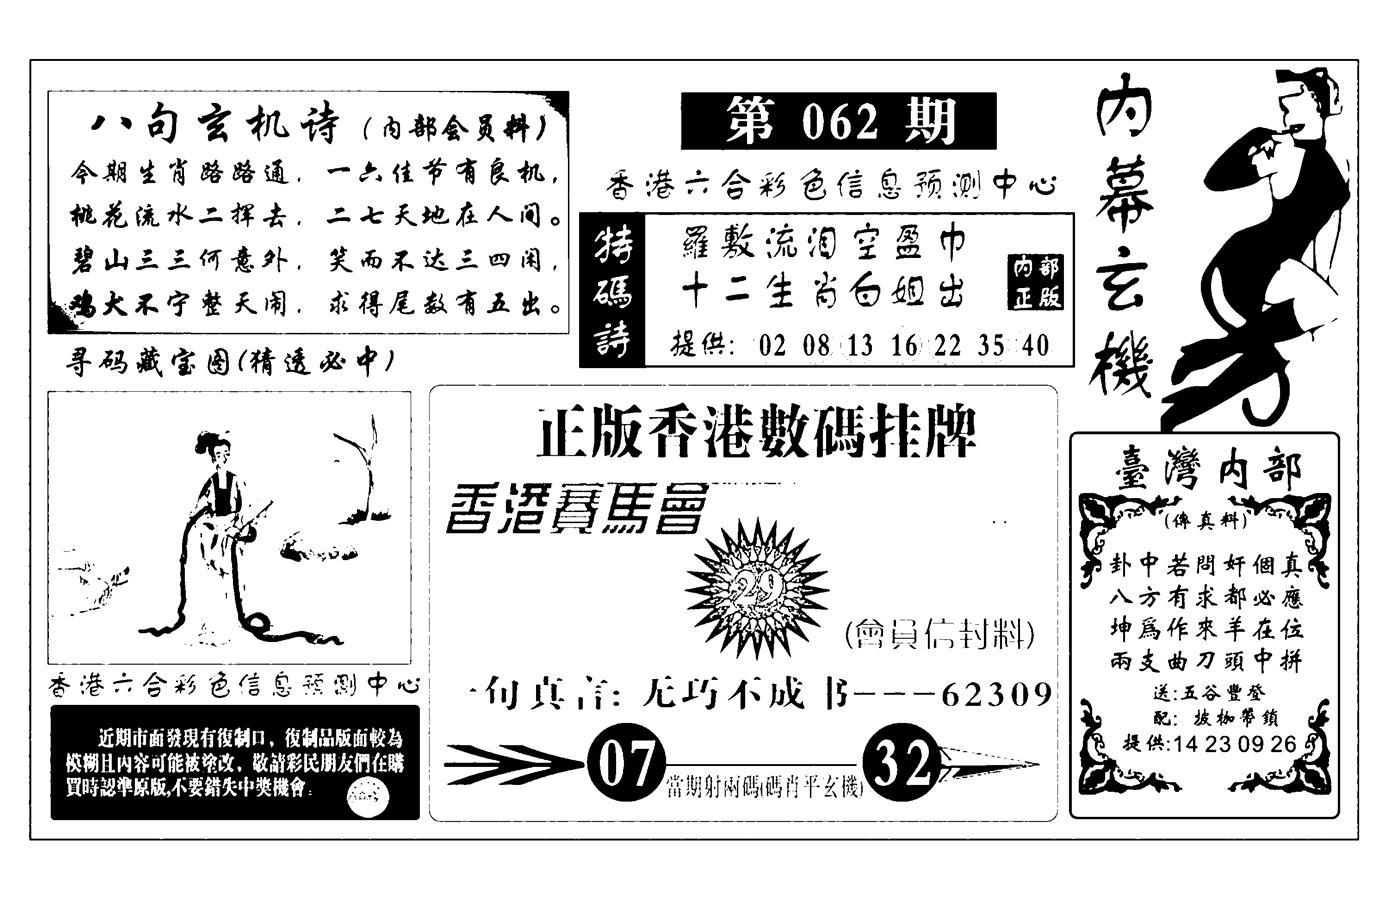 062期内幕玄机报(黑白)